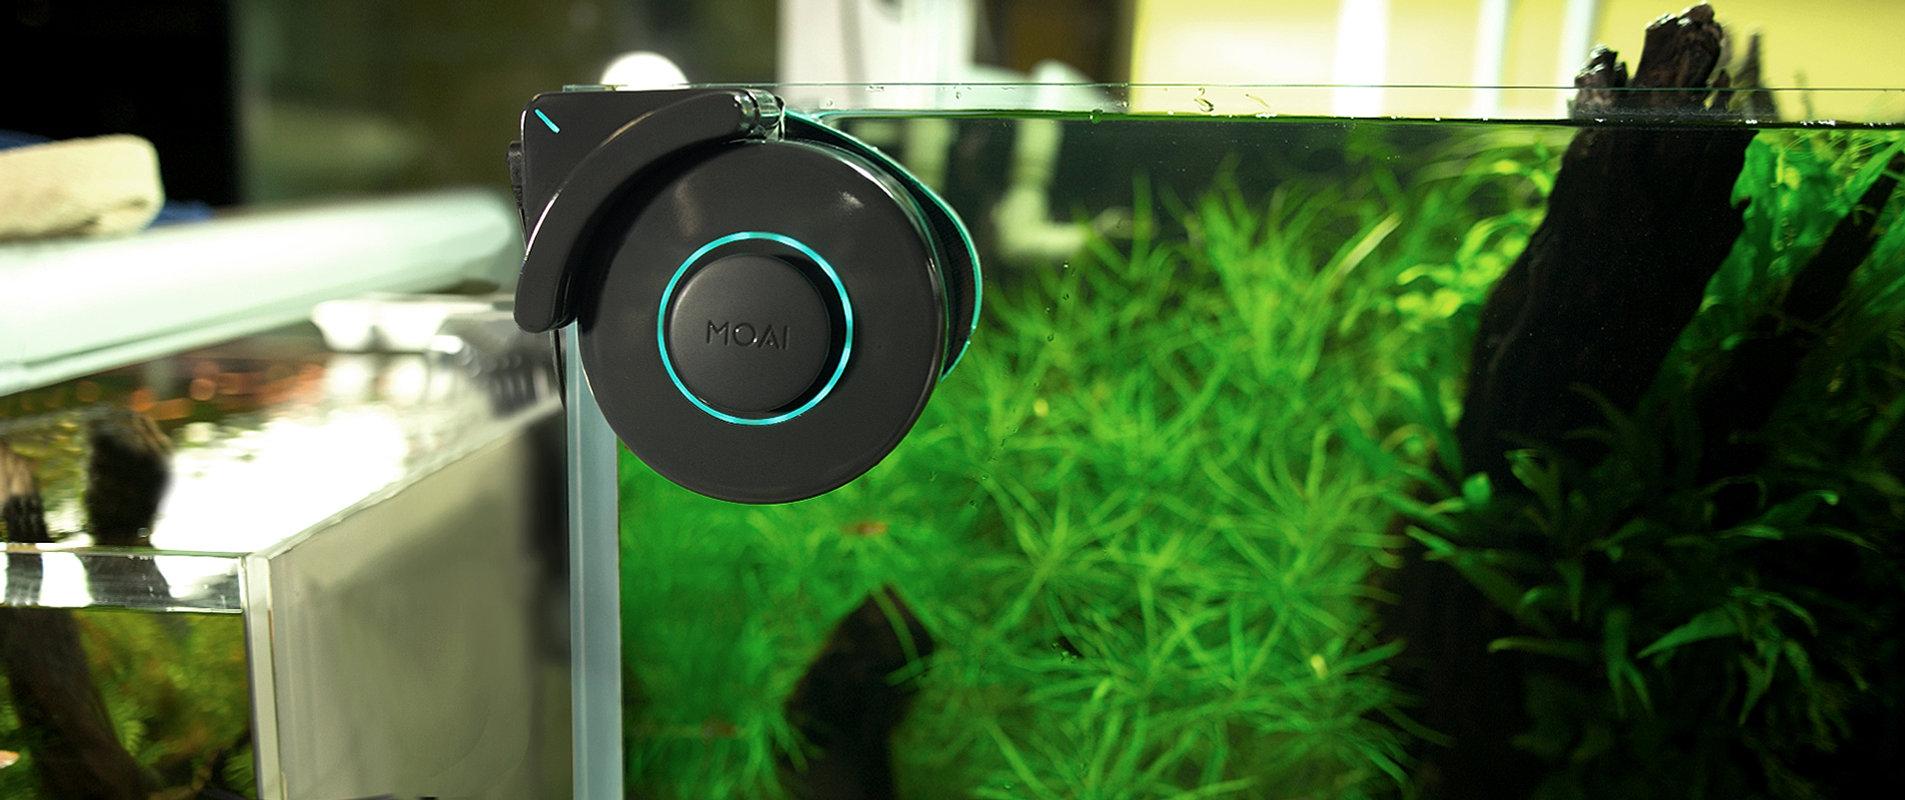 Fish tank cleaner - Moai Aquarium Reef Fishtank Algae Cleaner Smart Robot Magnet